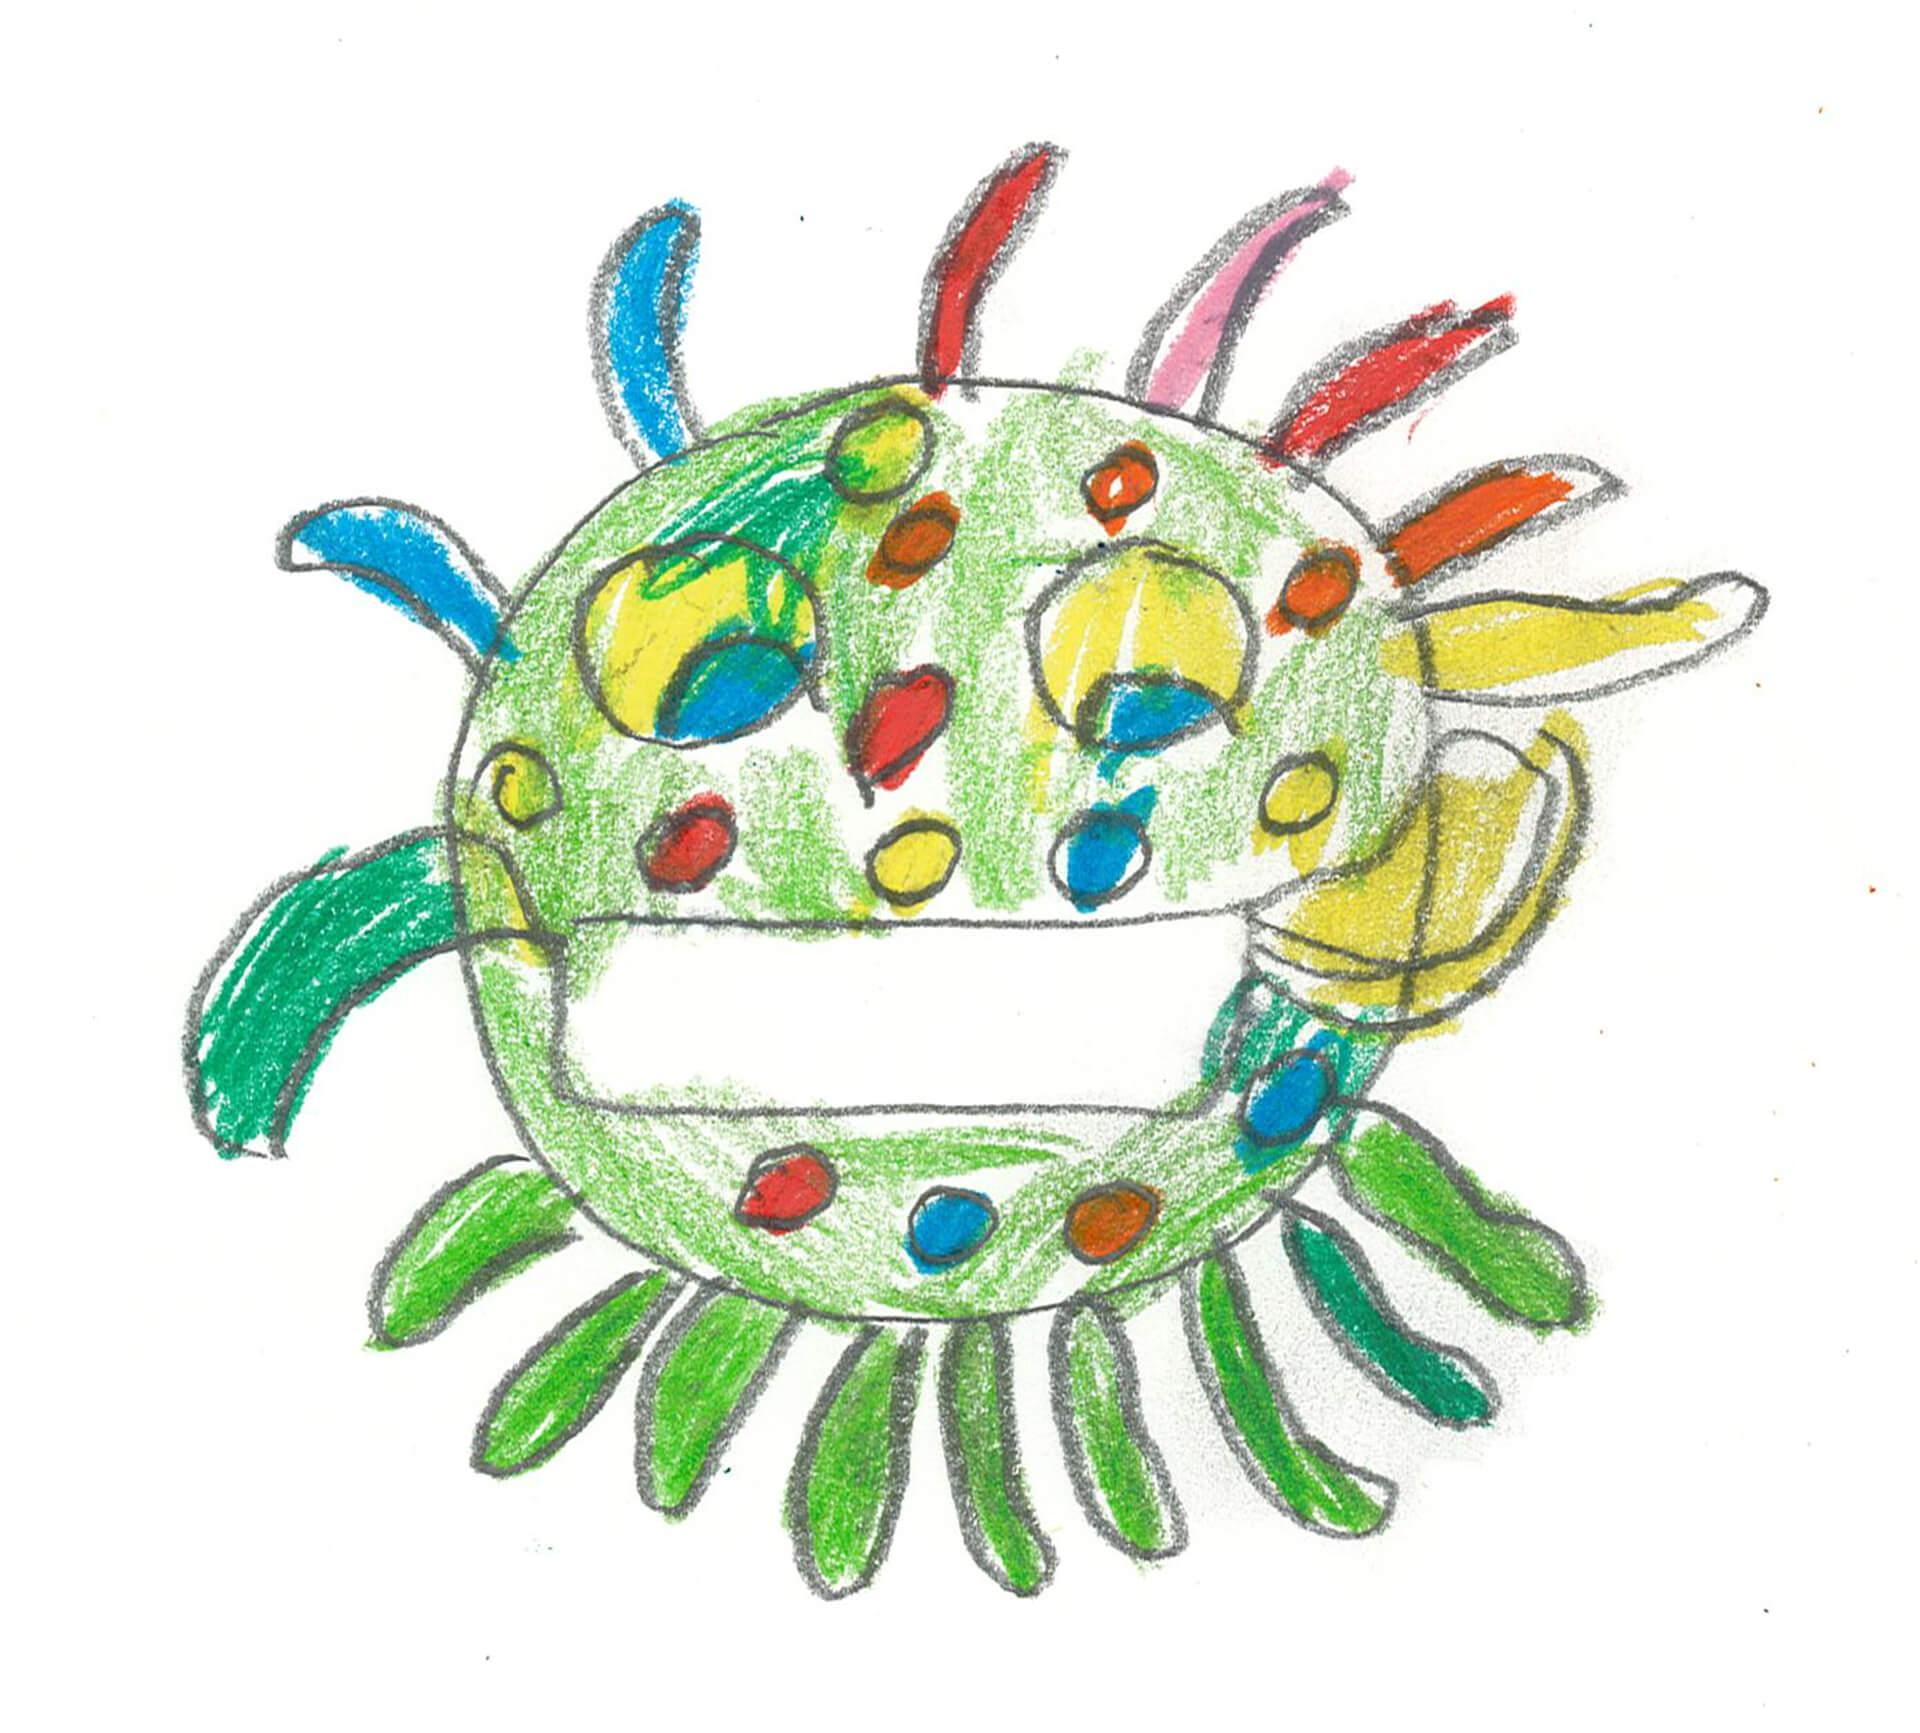 Buntes Corona-Virus trägt Maske.